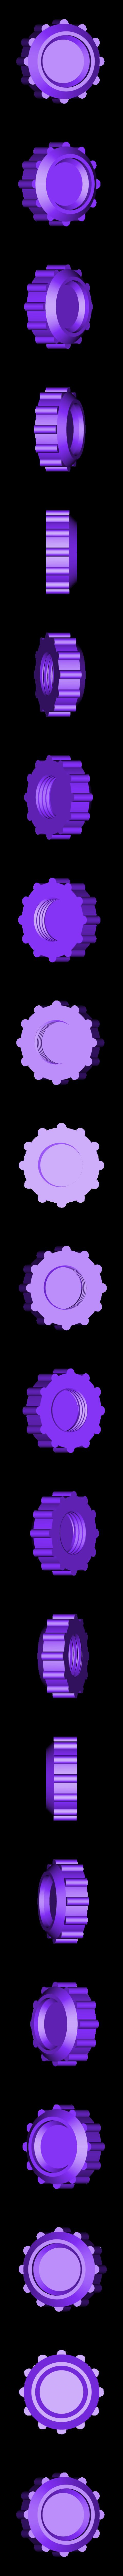 HANDLE-NUTCRACKER.stl Télécharger fichier STL gratuit CASSE NOISETTE • Plan imprimable en 3D, bersandro